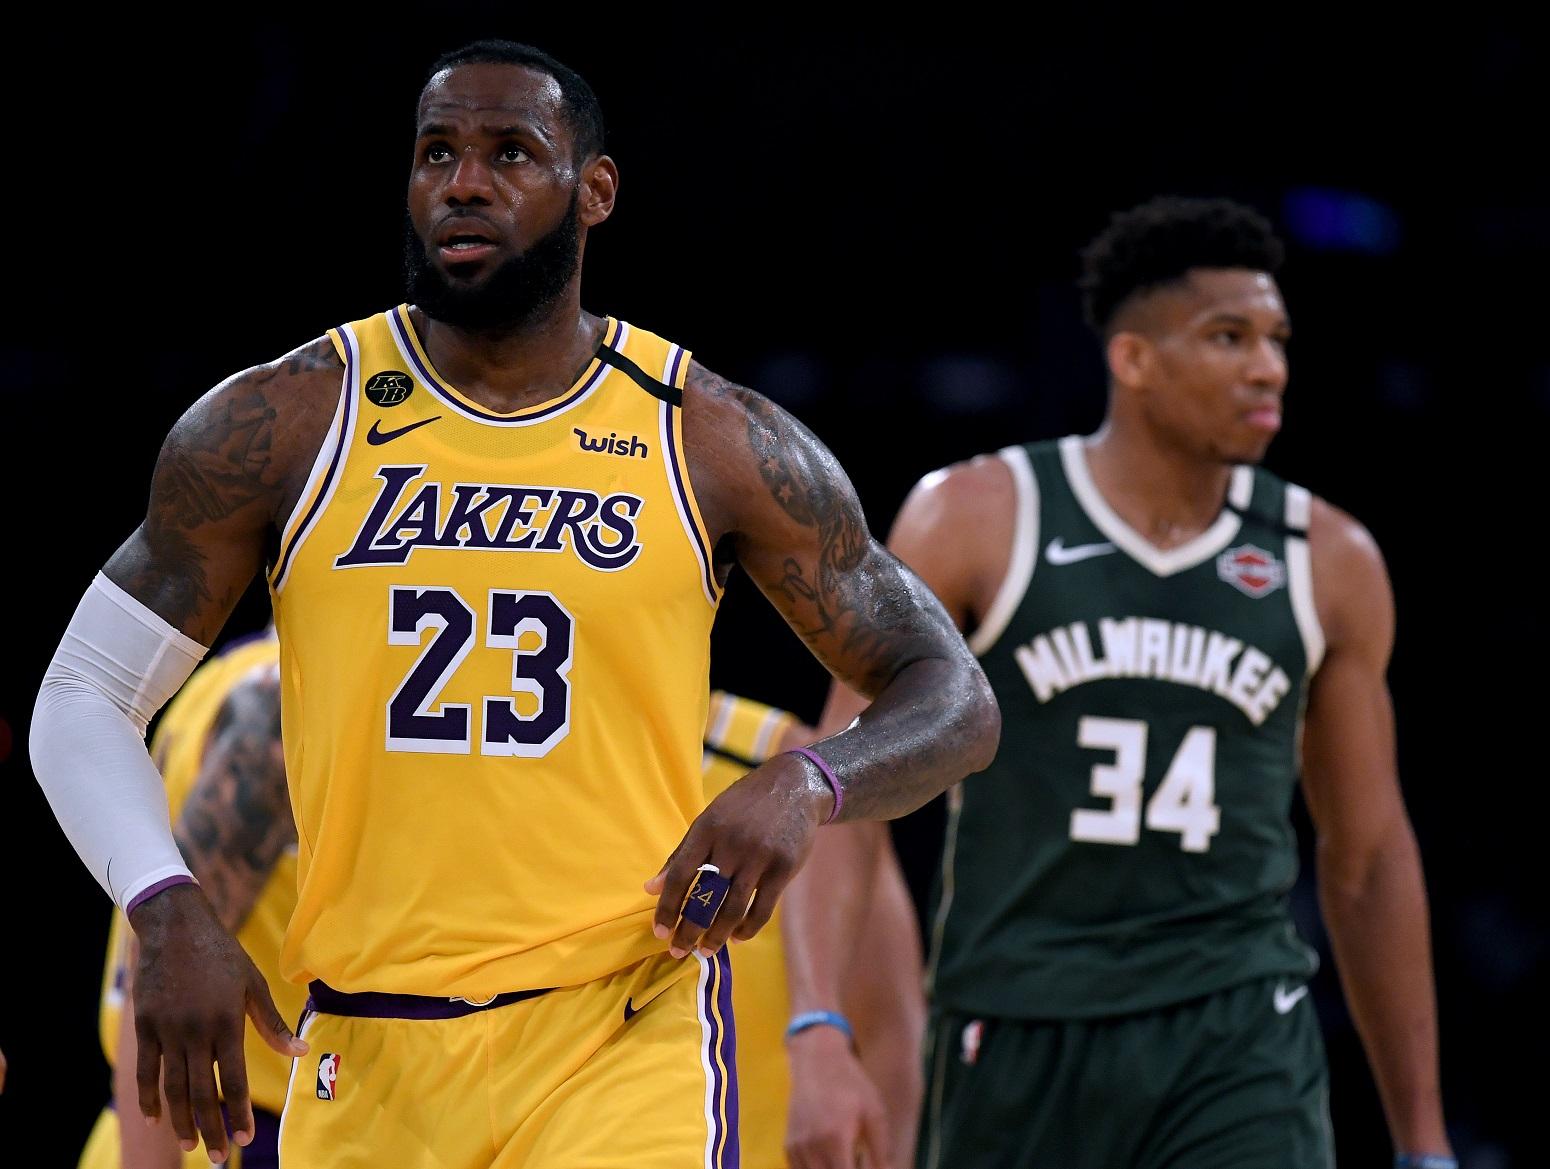 LeBron James Giannis Antetokounmpo MVP